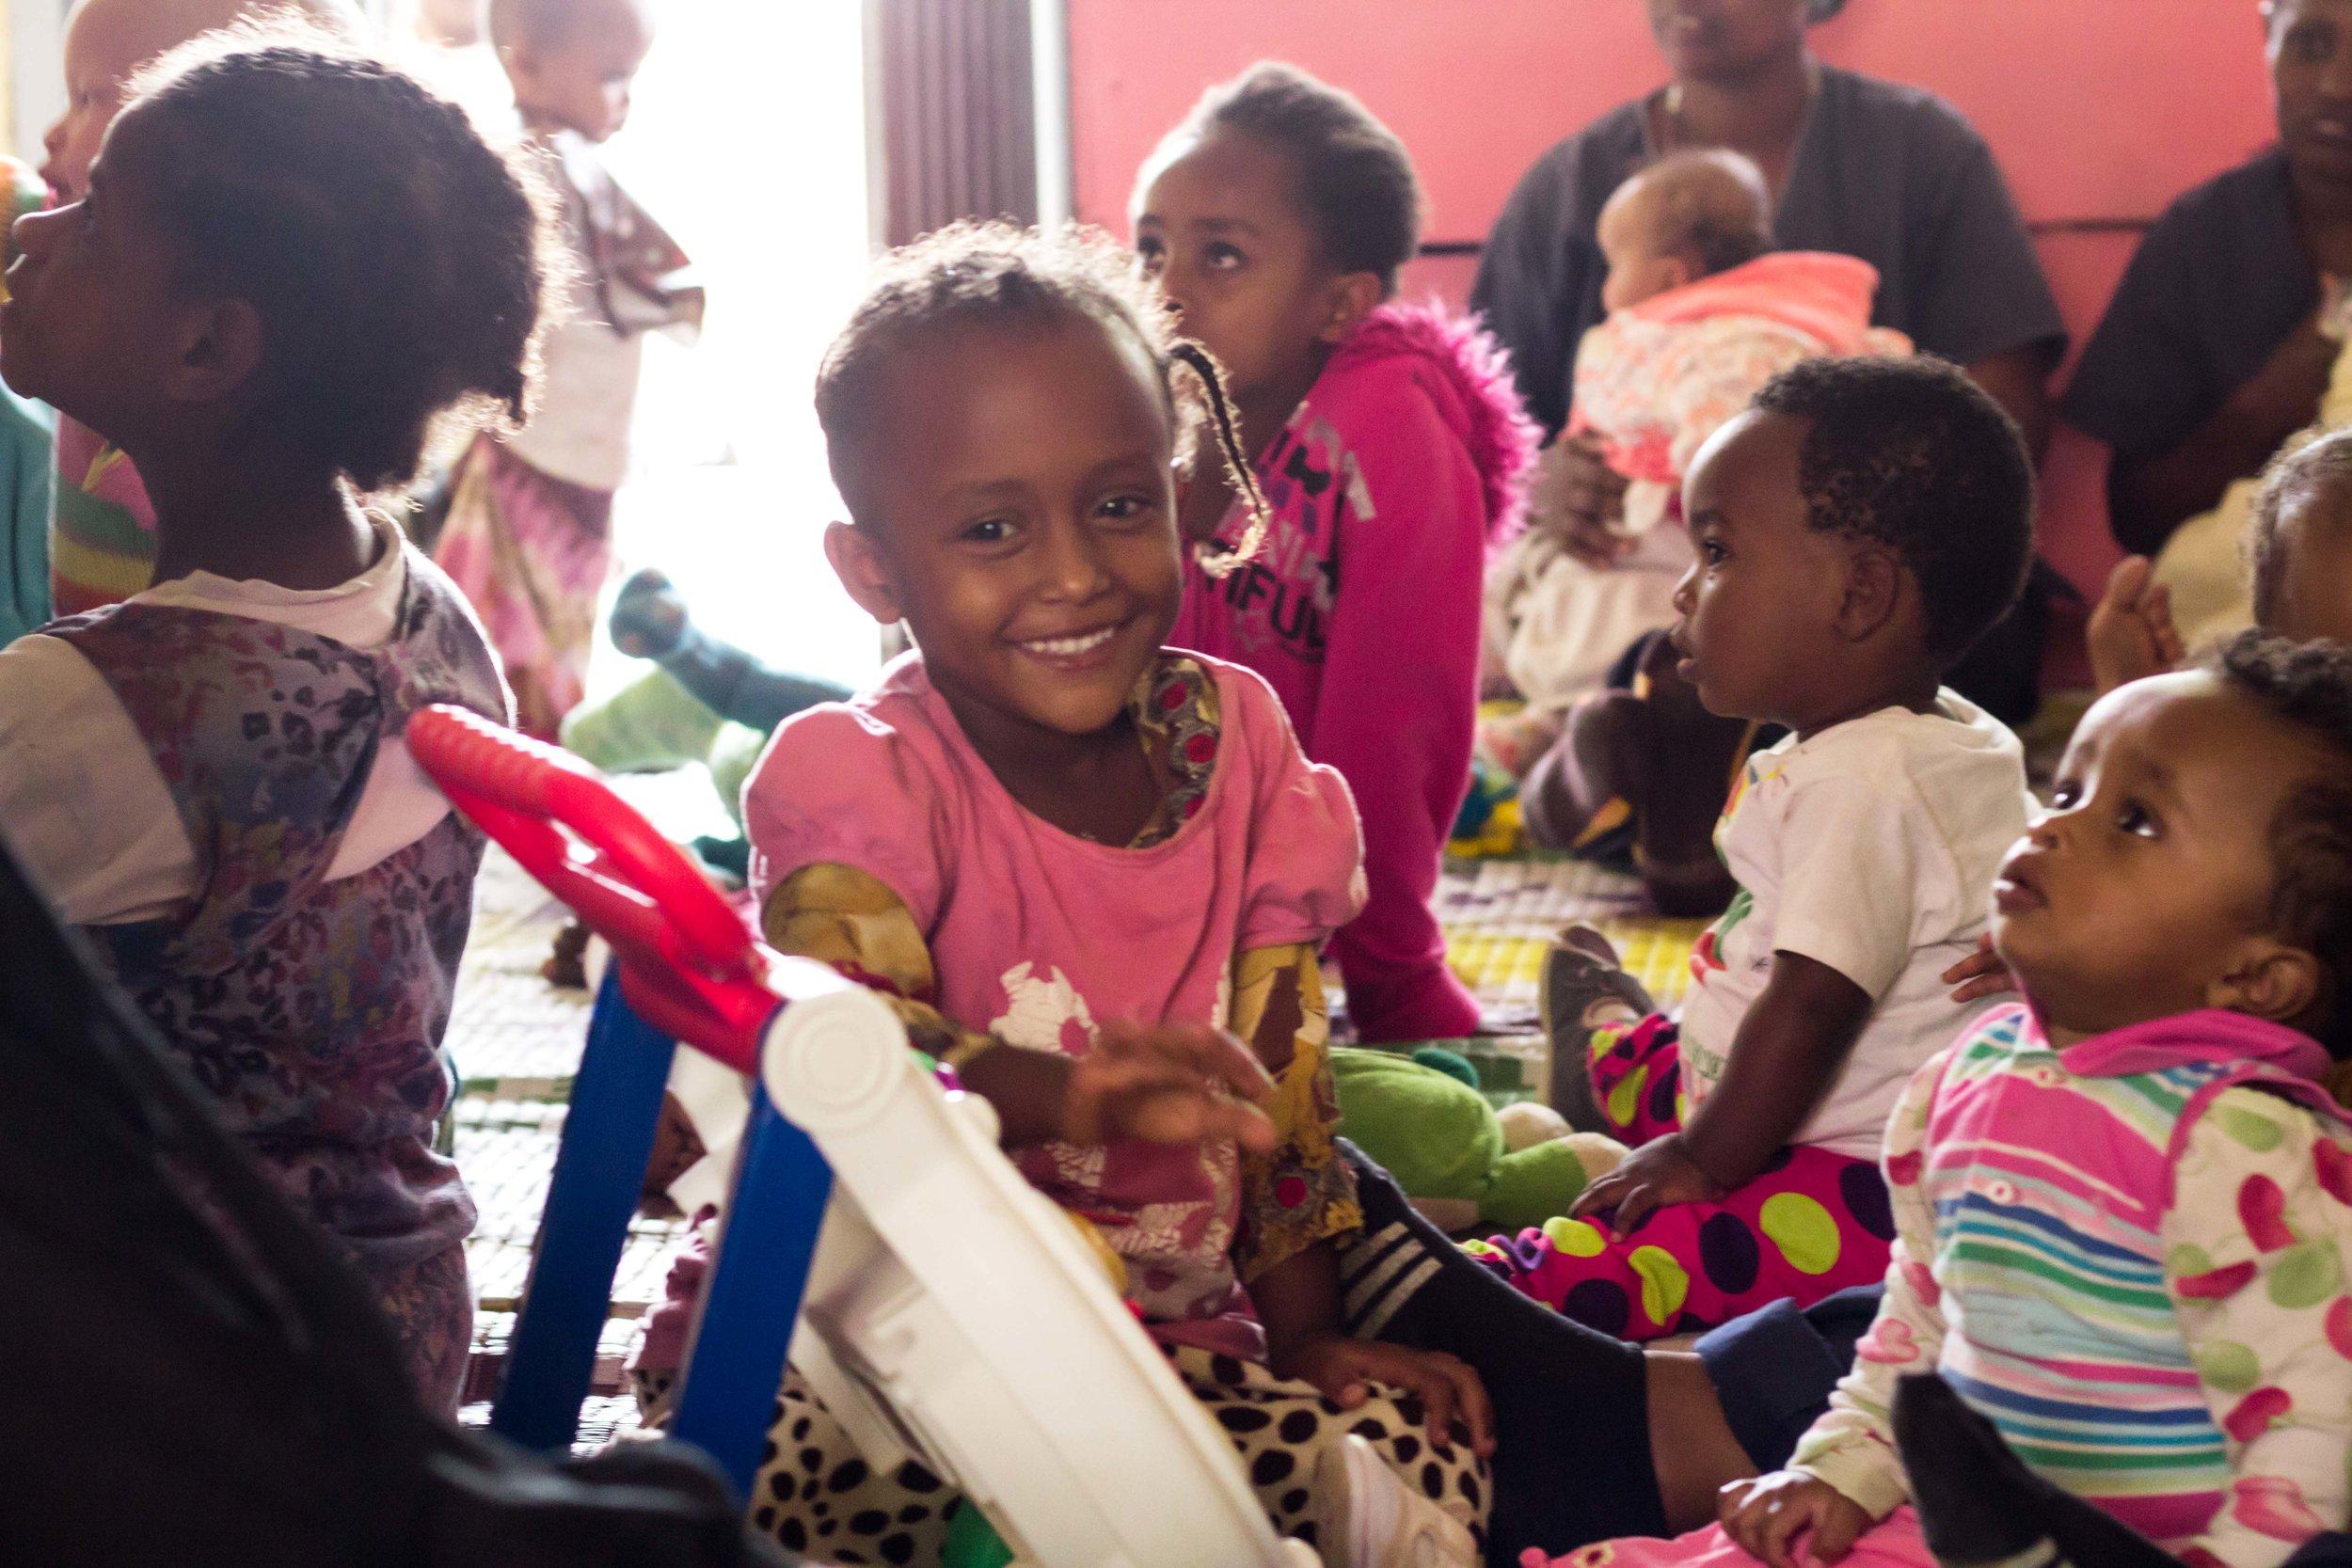 Ethiopian smiles I tell you.